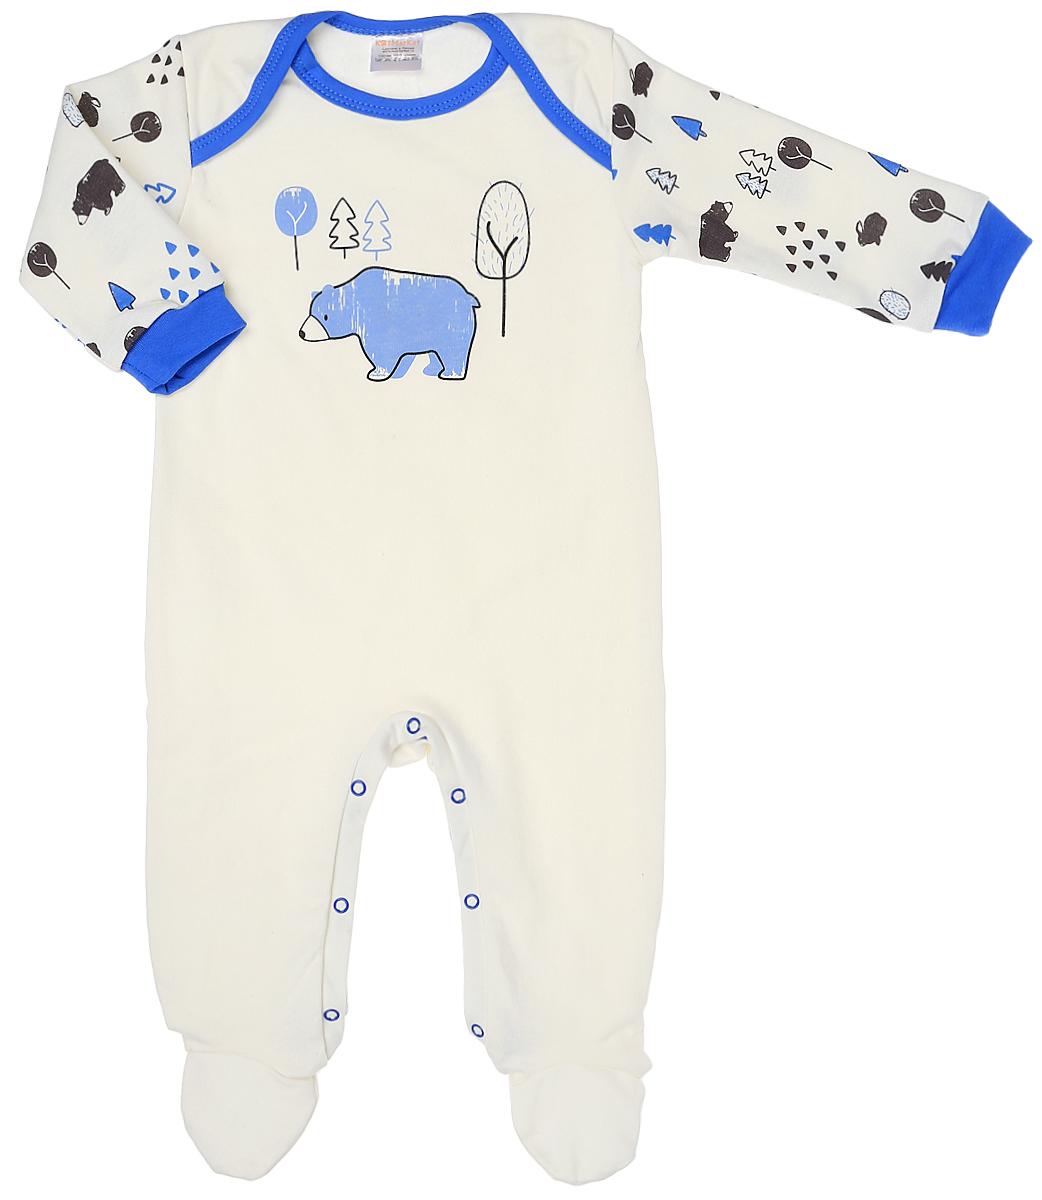 Комбинезон для мальчика КотМарКот, цвет: белый, голубой. 6518. Размер 566518Комбинезон для мальчика КотМарКот изготовлен из натурального хлопка. Материал изделия мягкий и тактильно приятный, не раздражает нежную и чувствительную кожу ребенка. Комбинезон с круглым вырезом горловины, длинными рукавами и закрытыми ножками имеет удобные запахи на плечах и застежки-кнопки на ластовице, которые помогают легко переодеть младенца или сменить подгузник. На рукавах предусмотрены мягкие манжеты. Модель оформлена принтом.